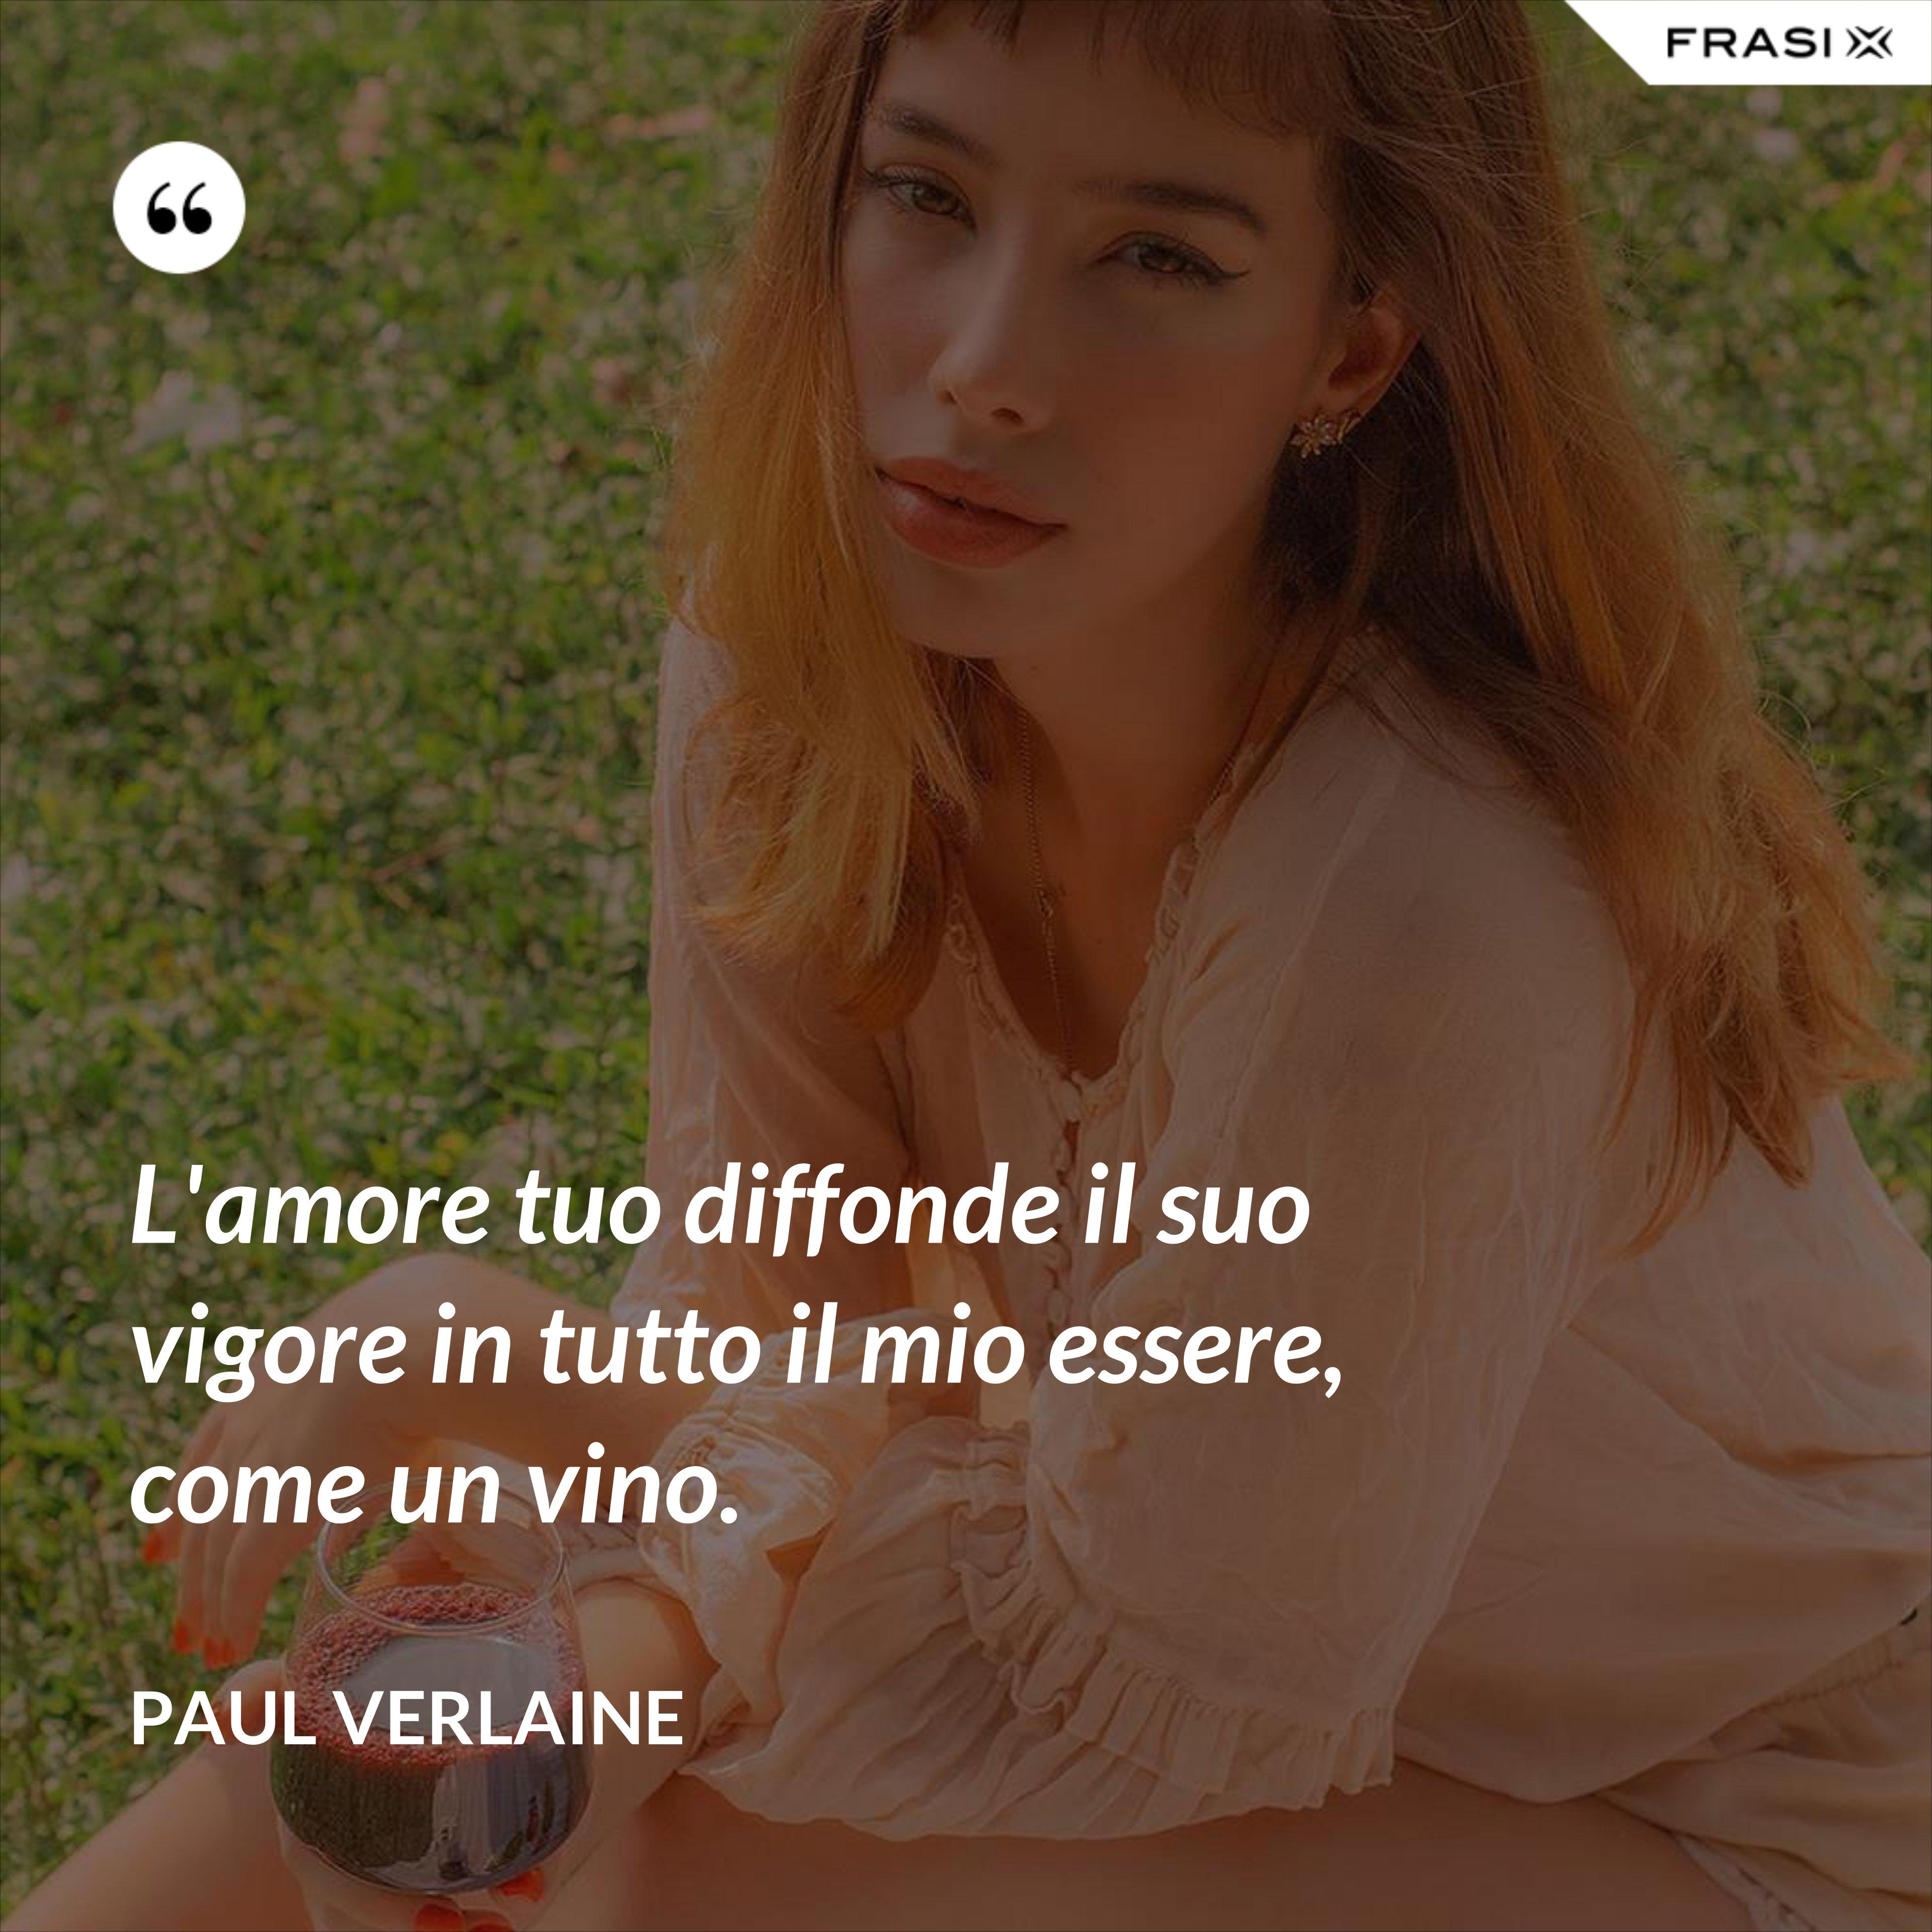 L'amore tuo diffonde il suo vigore in tutto il mio essere, come un vino. - Paul Verlaine